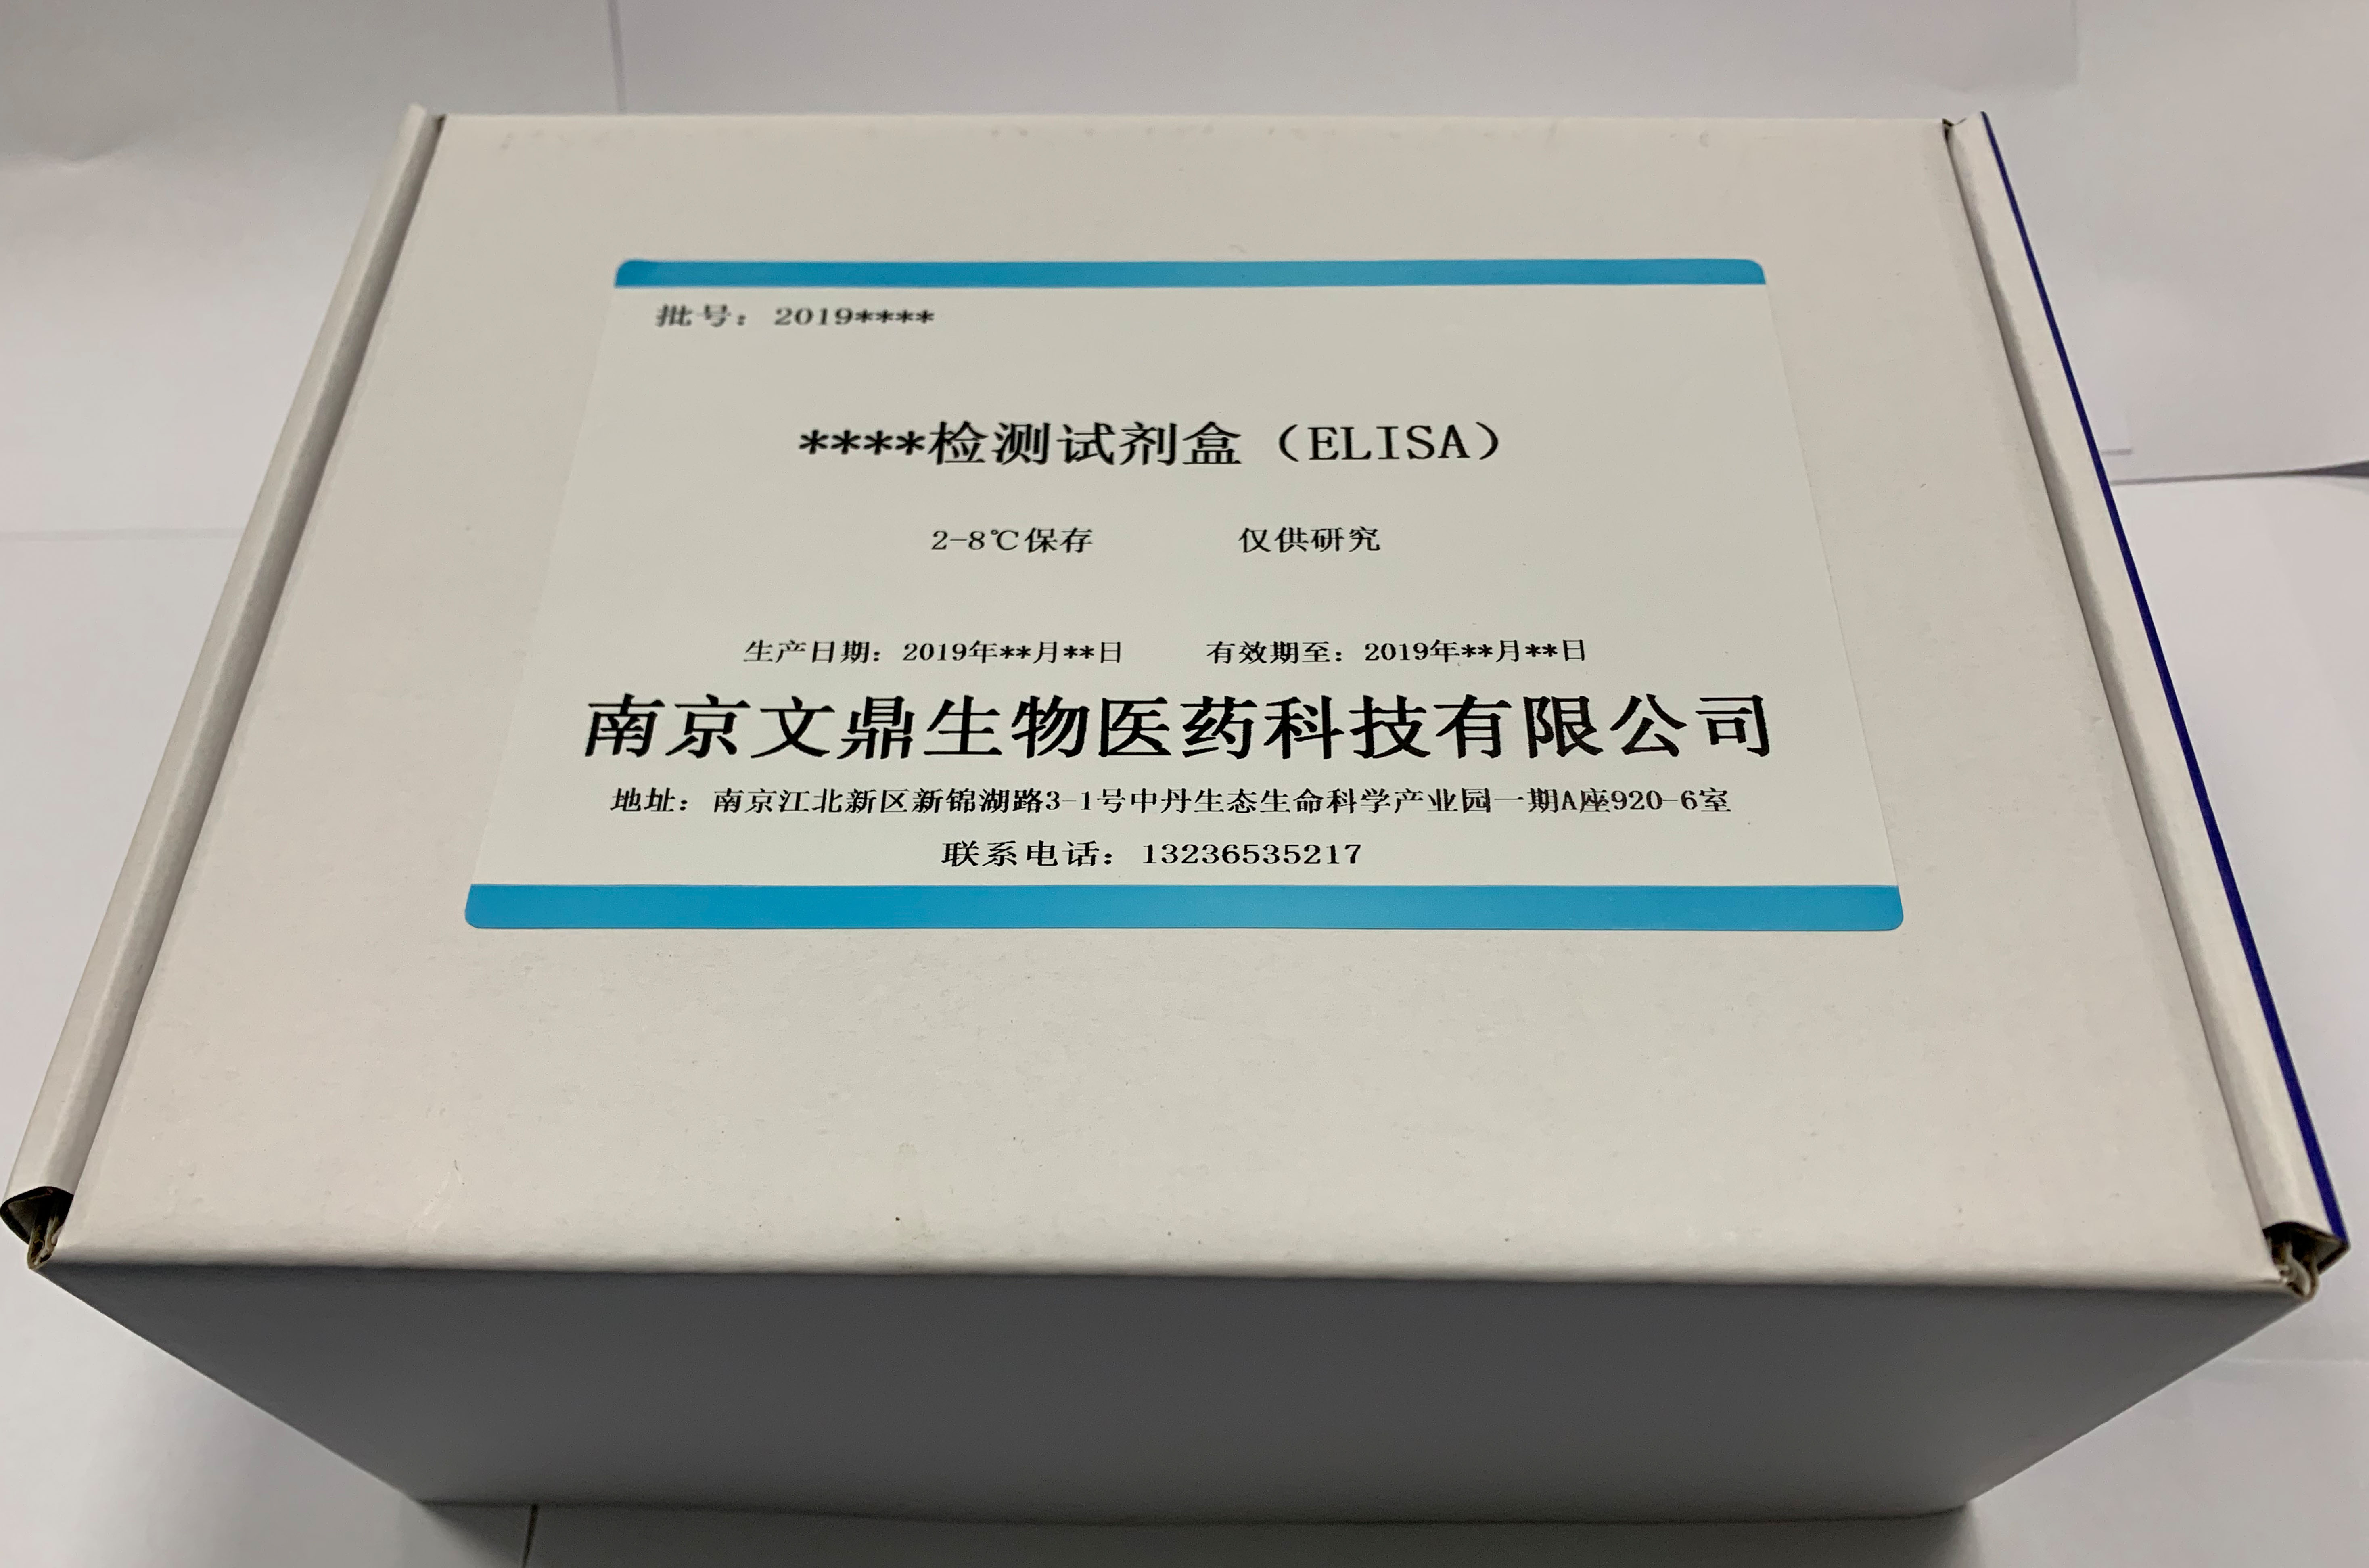 恙虫病总抗体诊断试剂盒